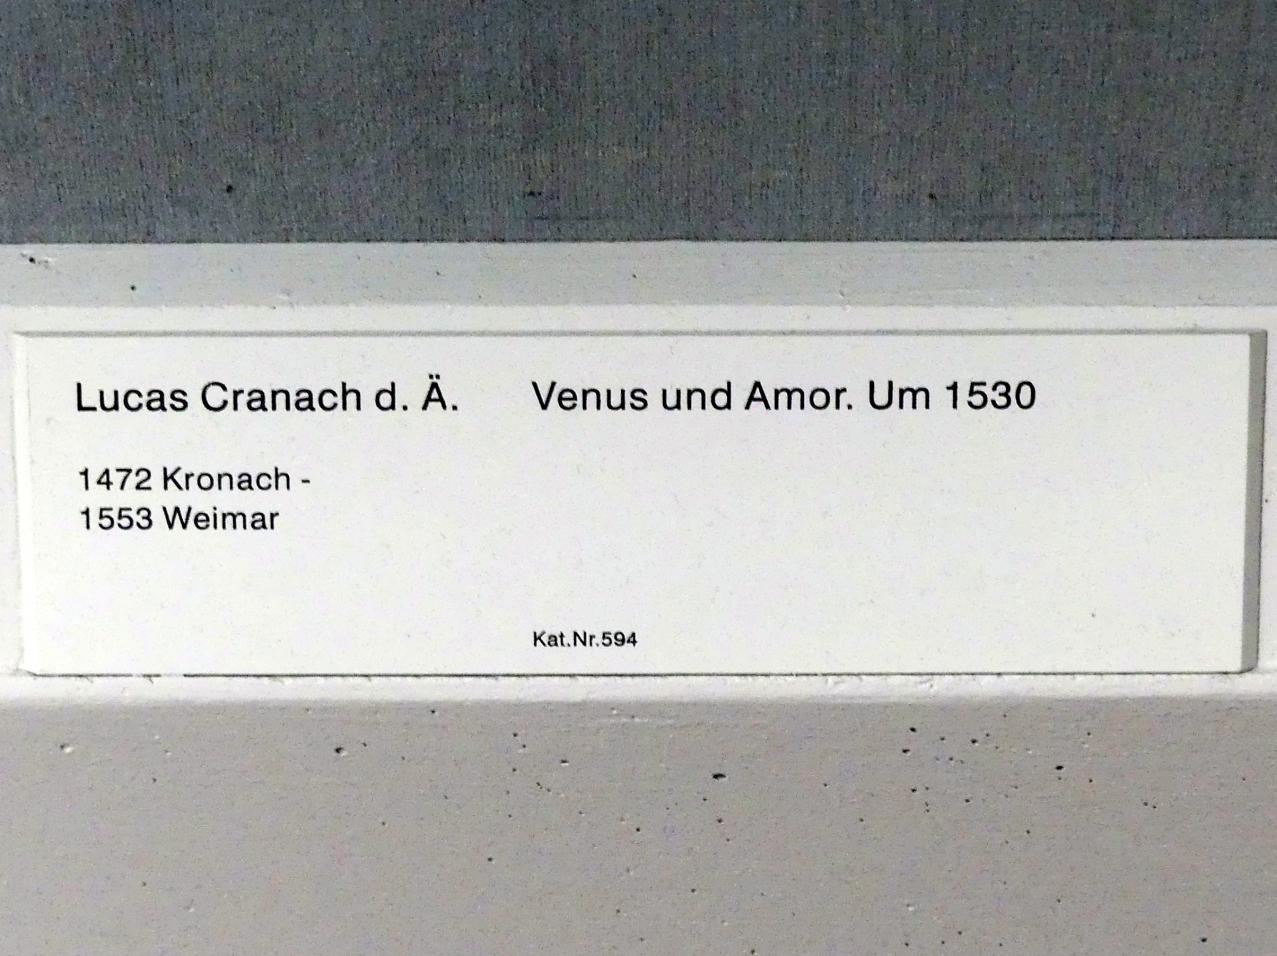 Lucas Cranach der Ältere: Venus und Amor, um 1530, Bild 2/2